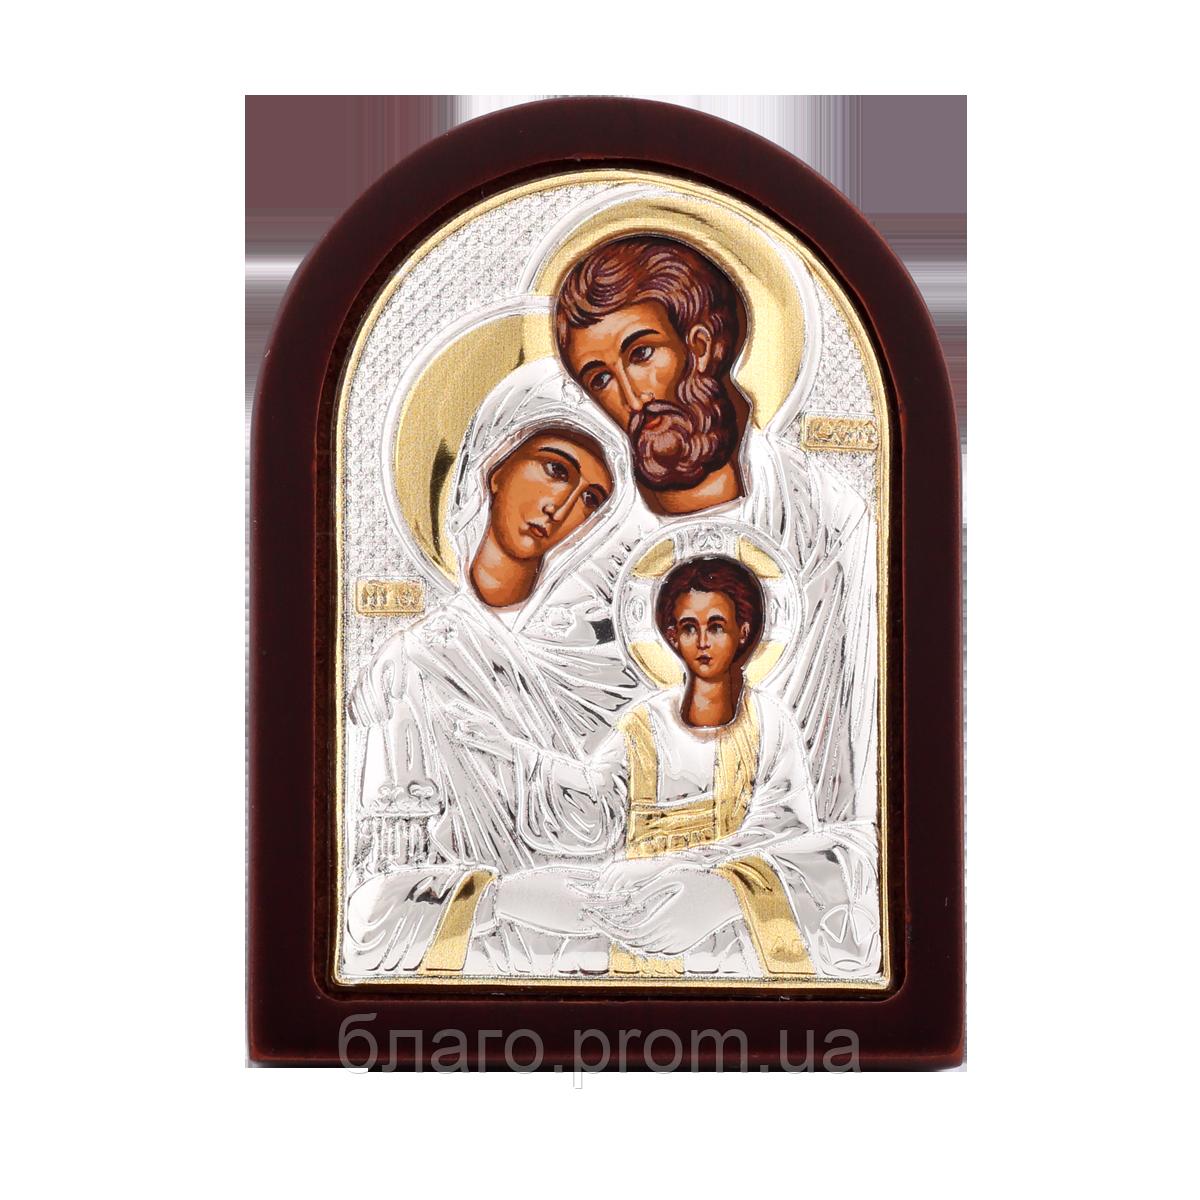 Икона Святое Семейство с магнитом